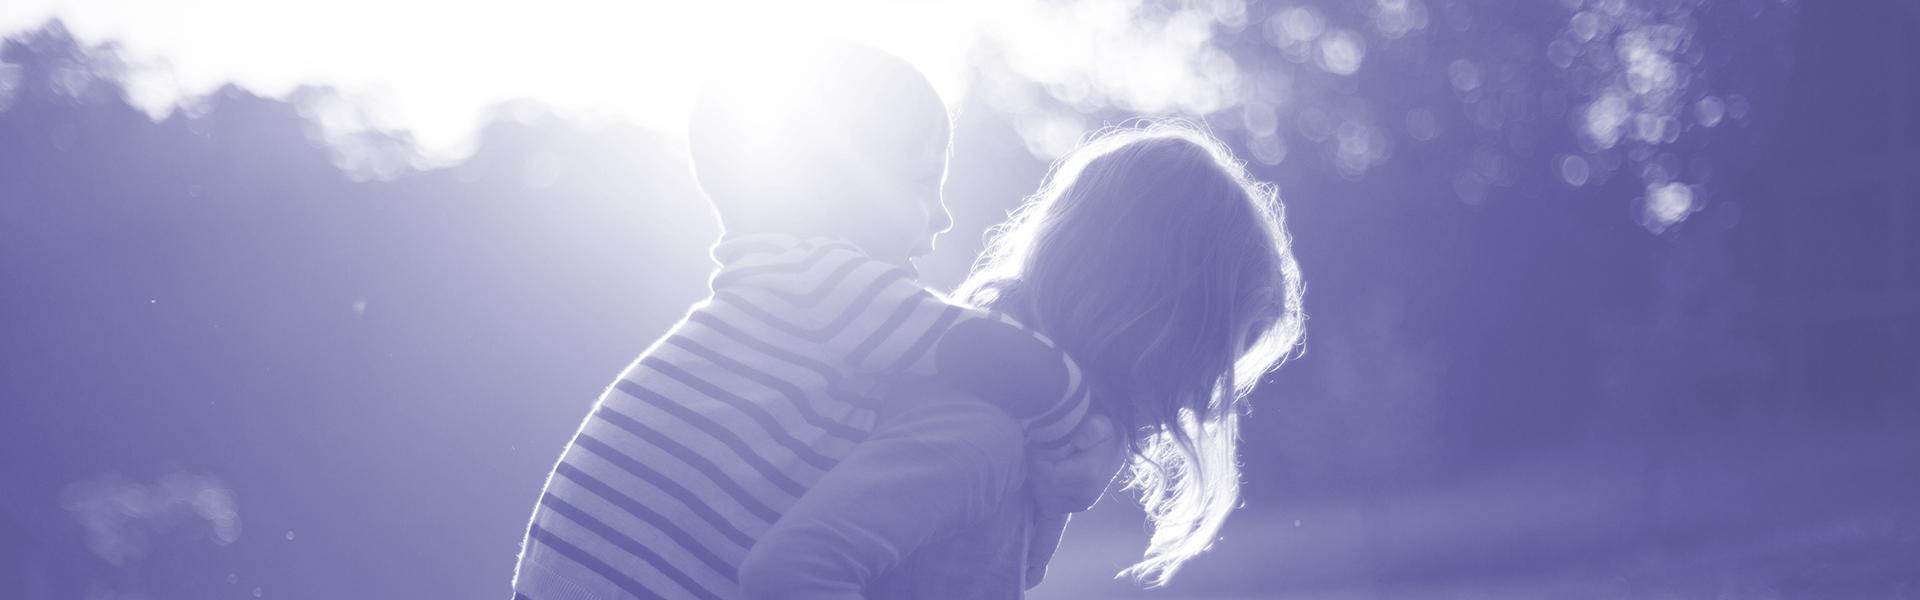 Barn som far illa ska få hjälp så fort som möjligt.